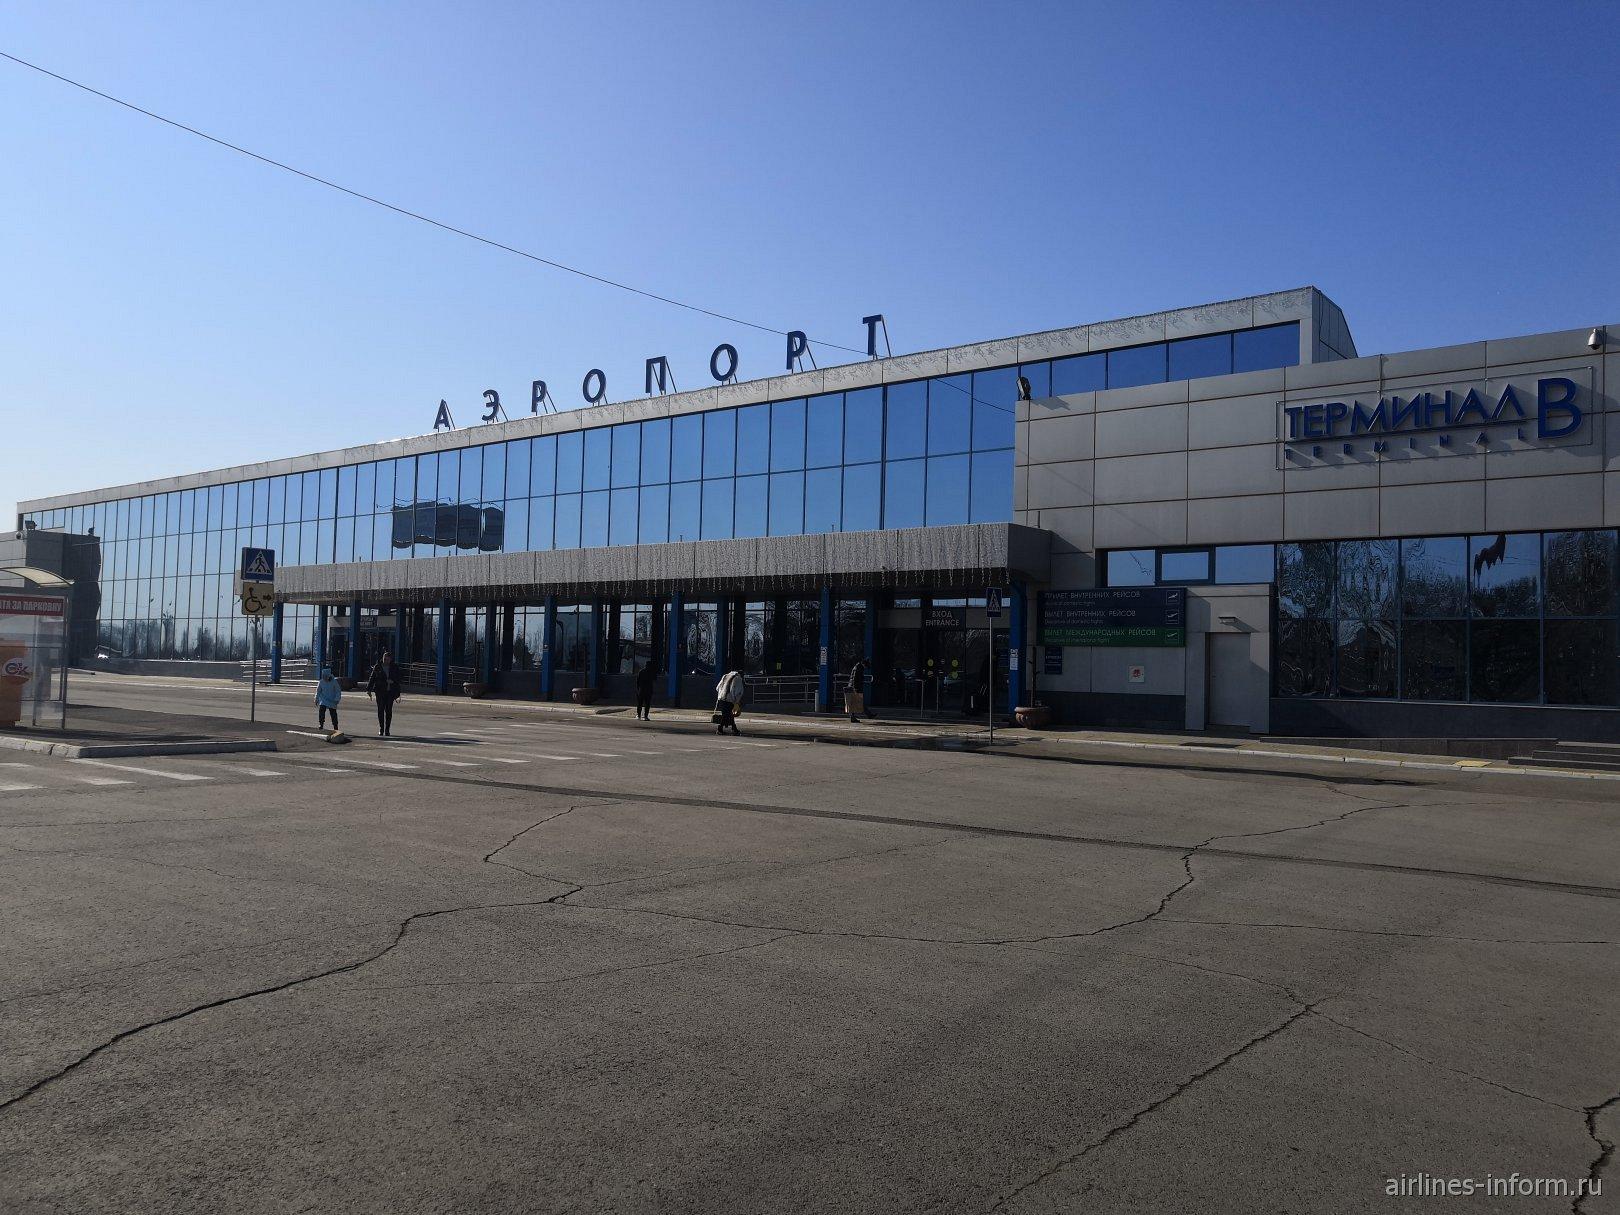 Терминал В внутренних авиалиний аэропорта Омск Центральный